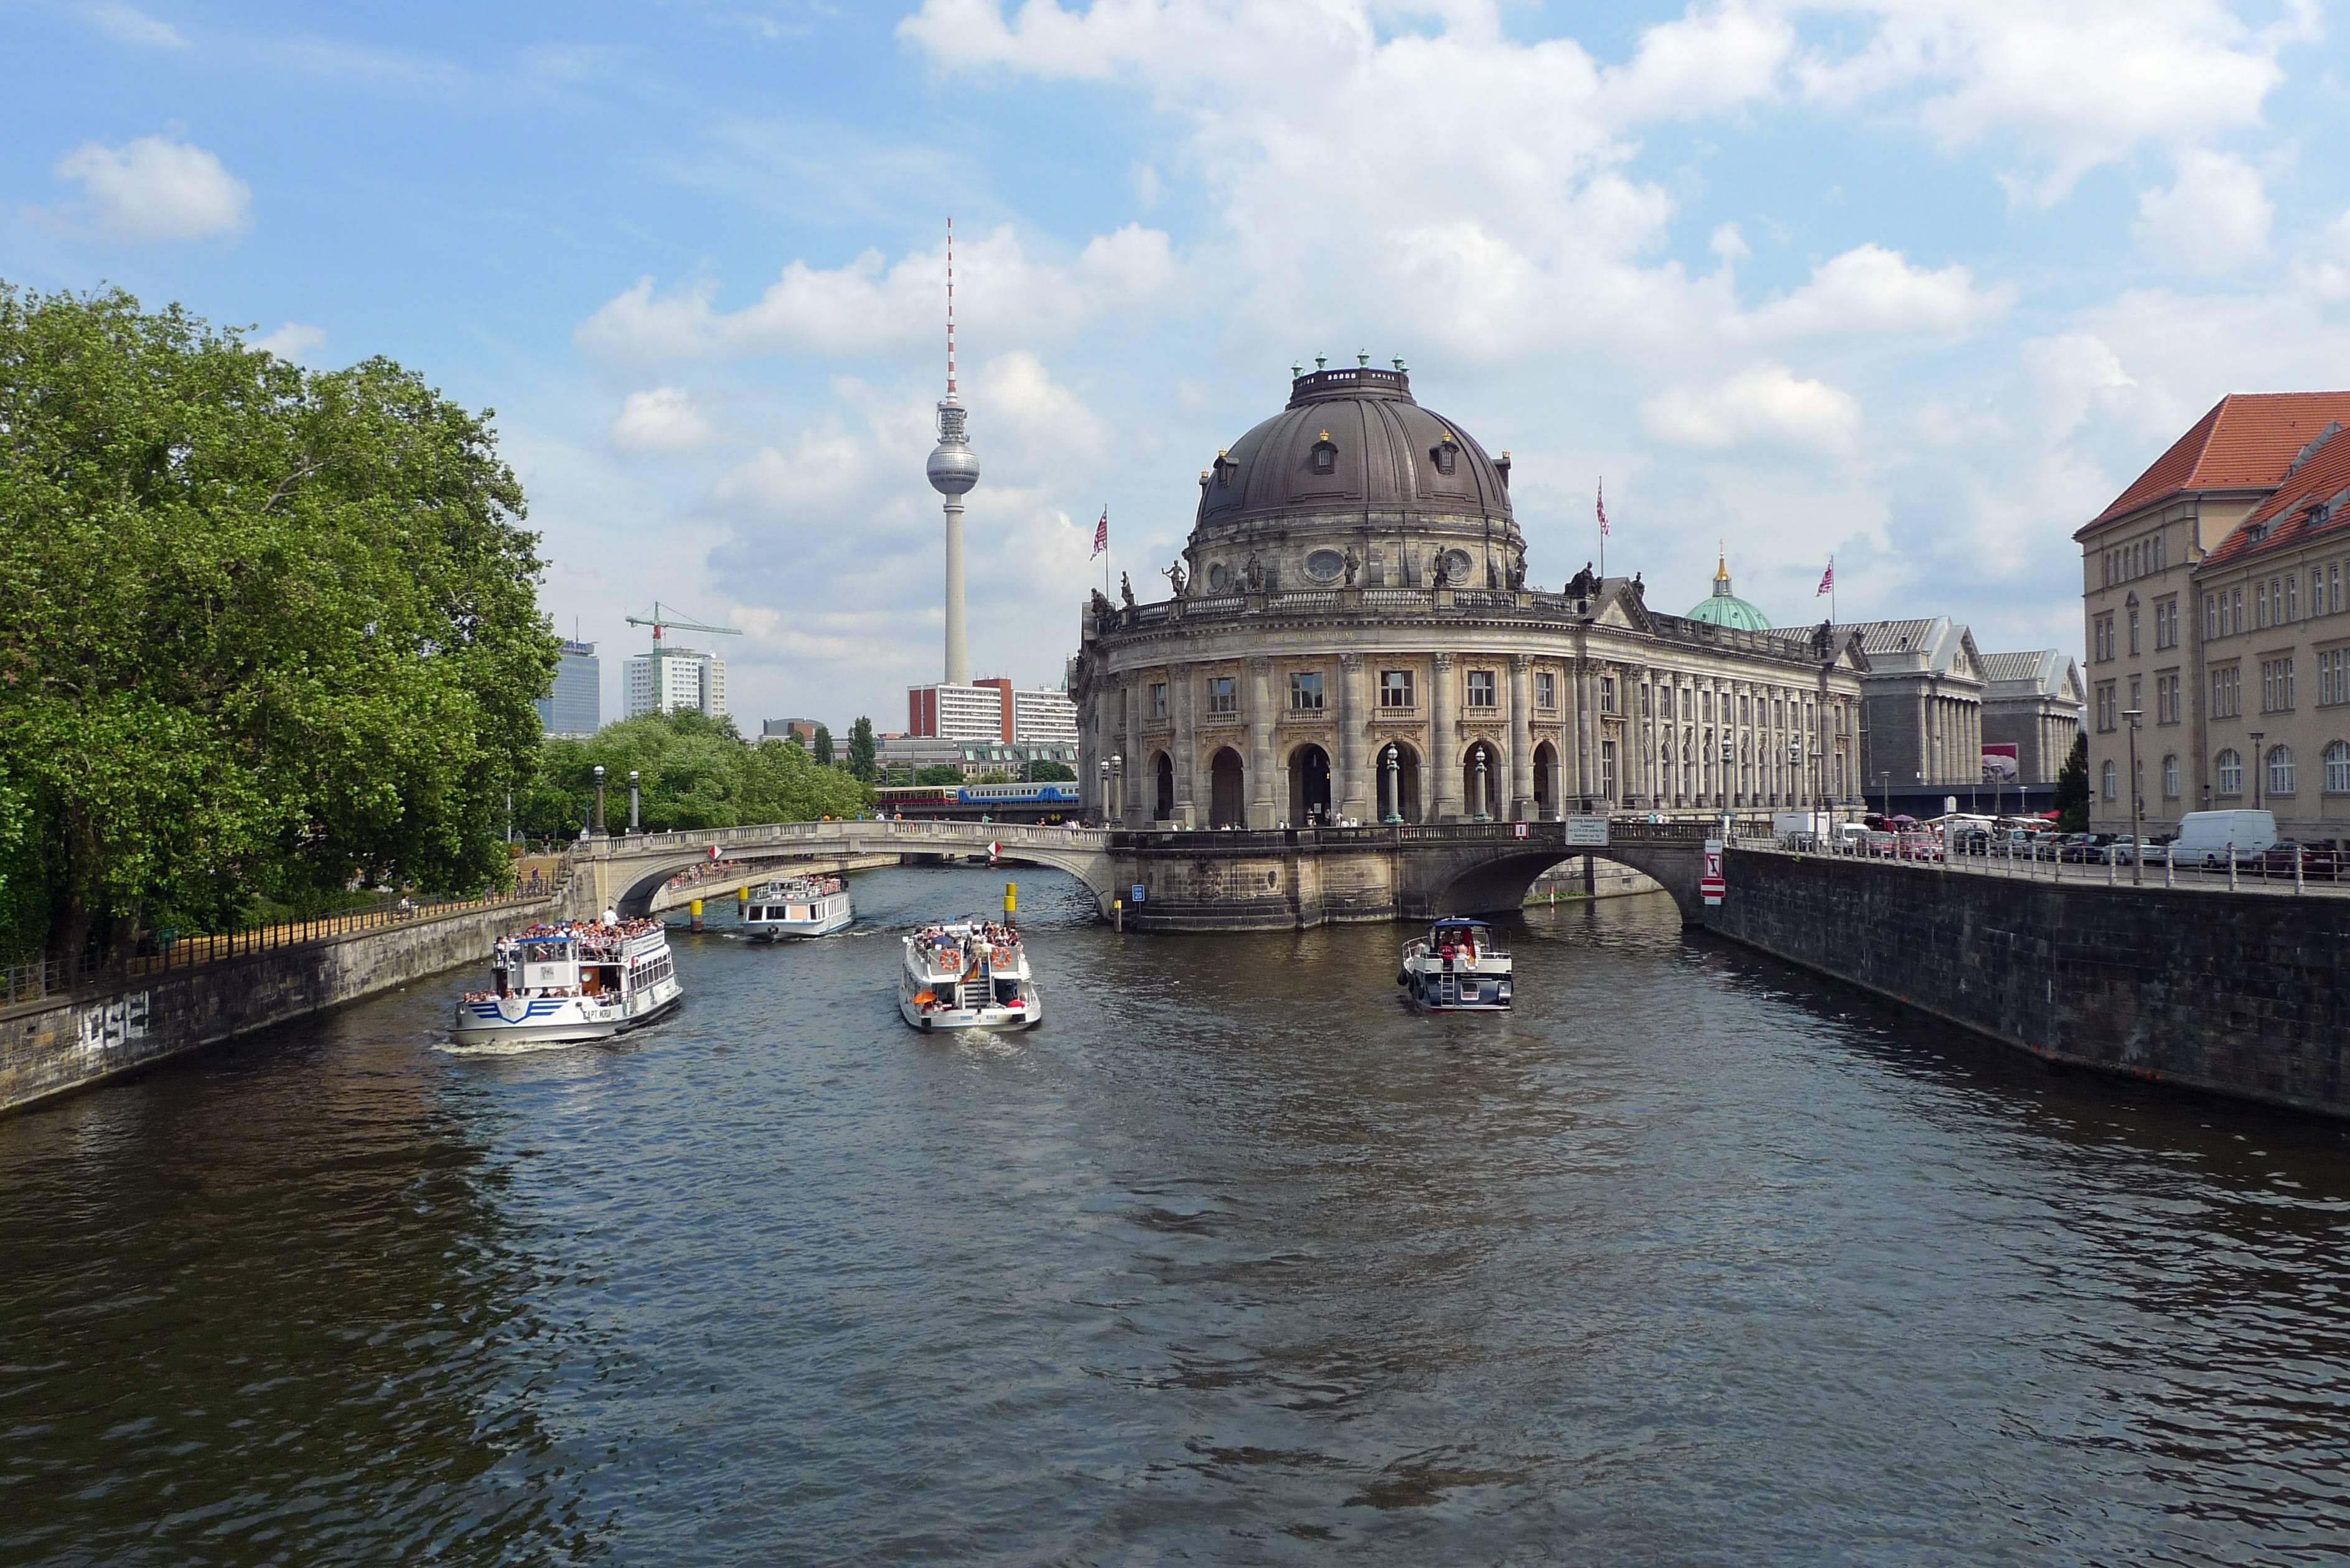 Чем заняться в берлине в одиночку? - советы, вопросы и ответы путешественникам на трипстере